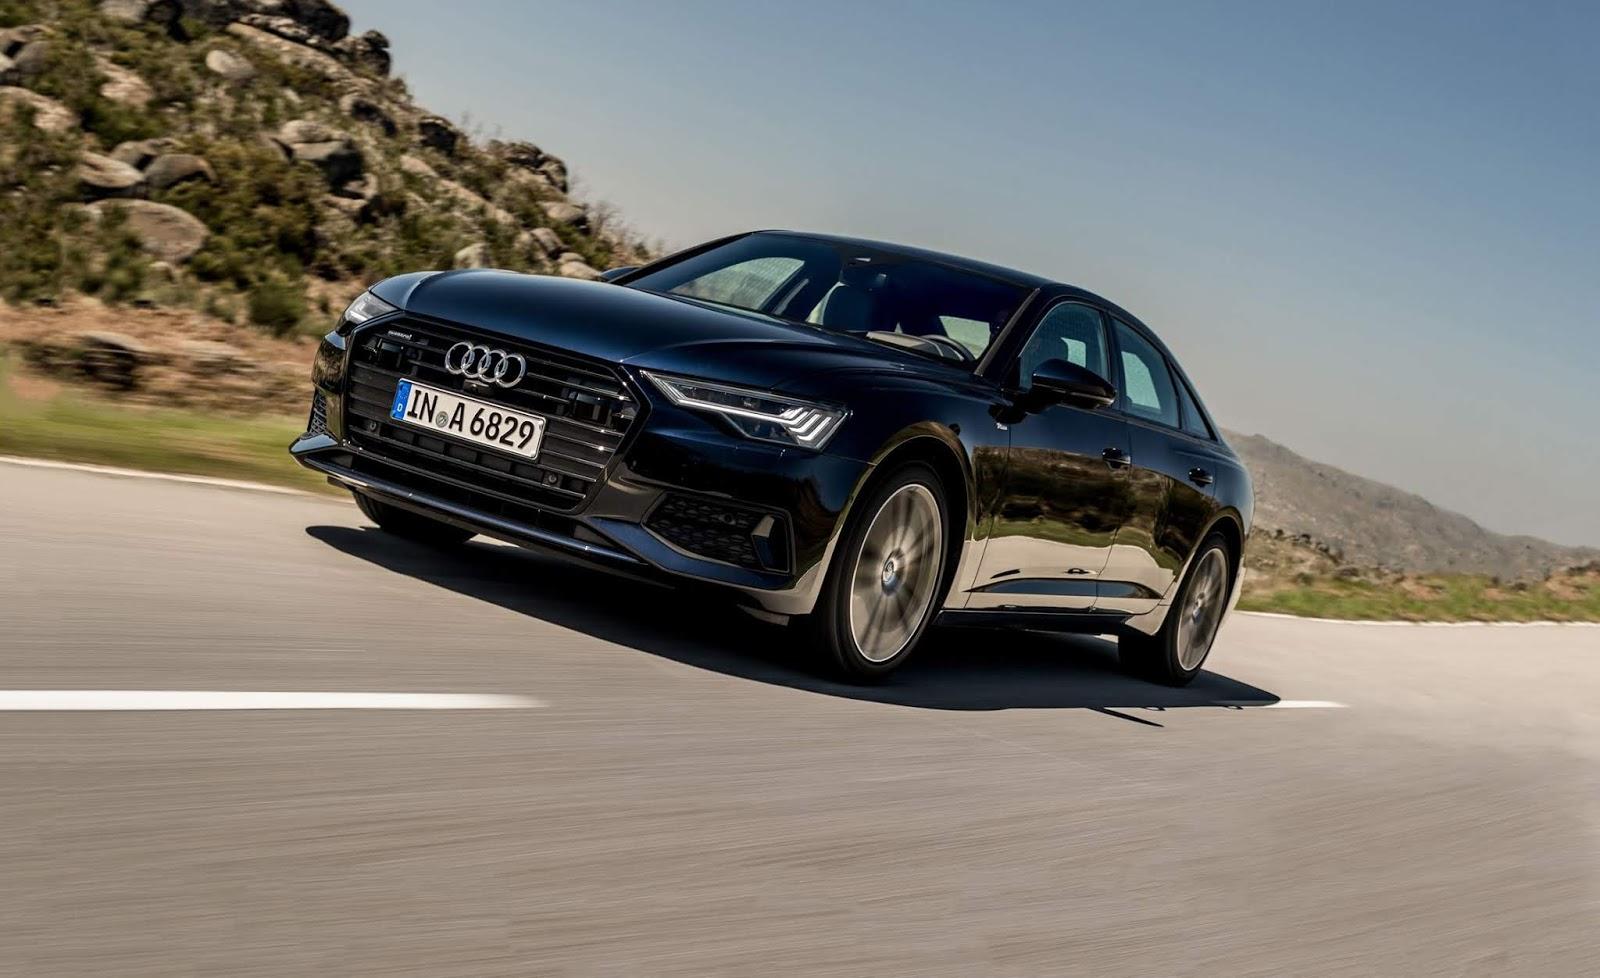 Πρόστιμο 800 εκατ. ευρώ θα πληρώσει η Audi για το σκάνδαλο Dieselgate